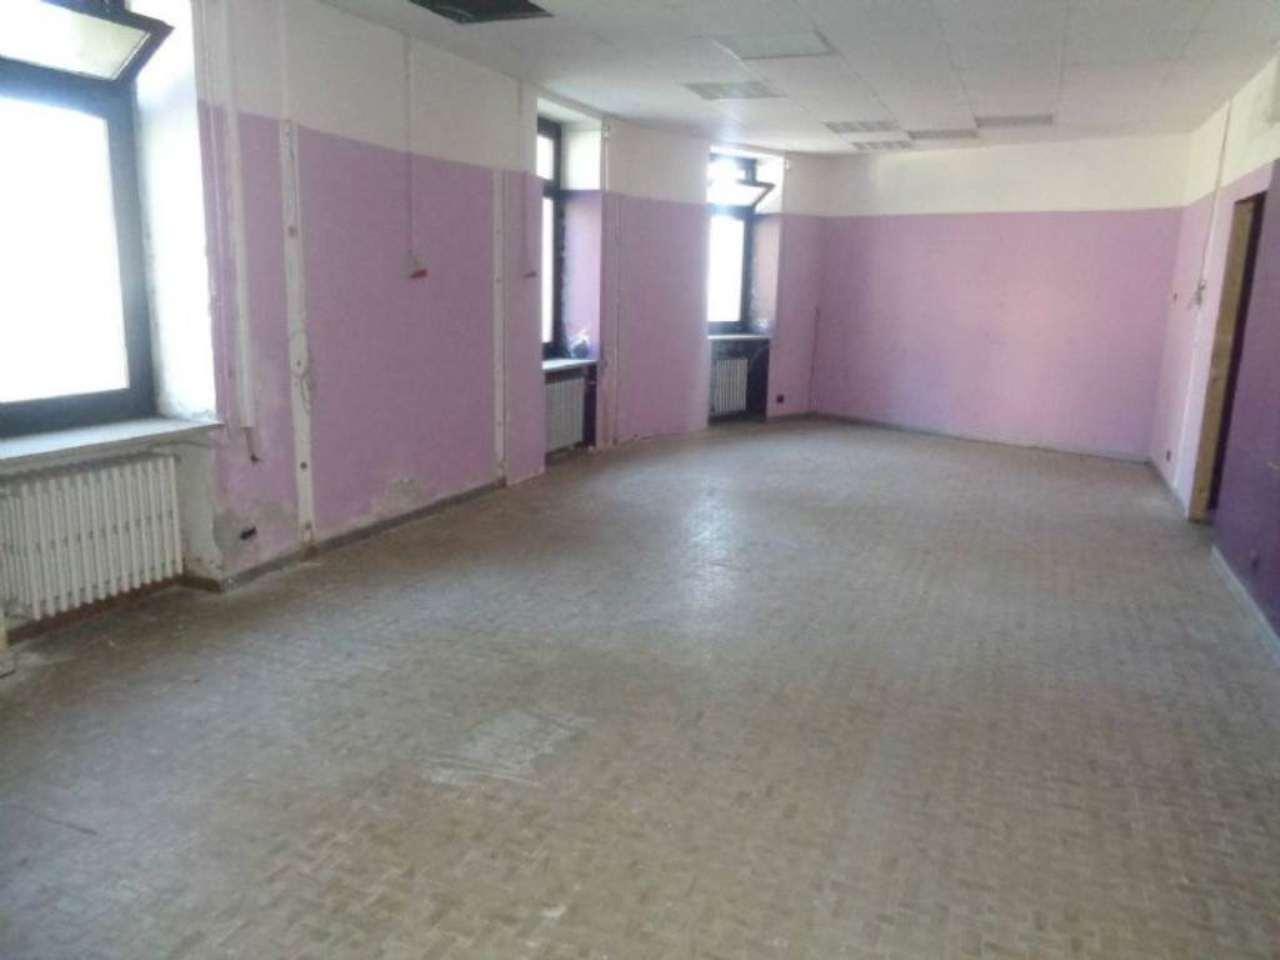 Negozio / Locale in vendita a Malnate, 1 locali, prezzo € 99.000 | Cambio Casa.it